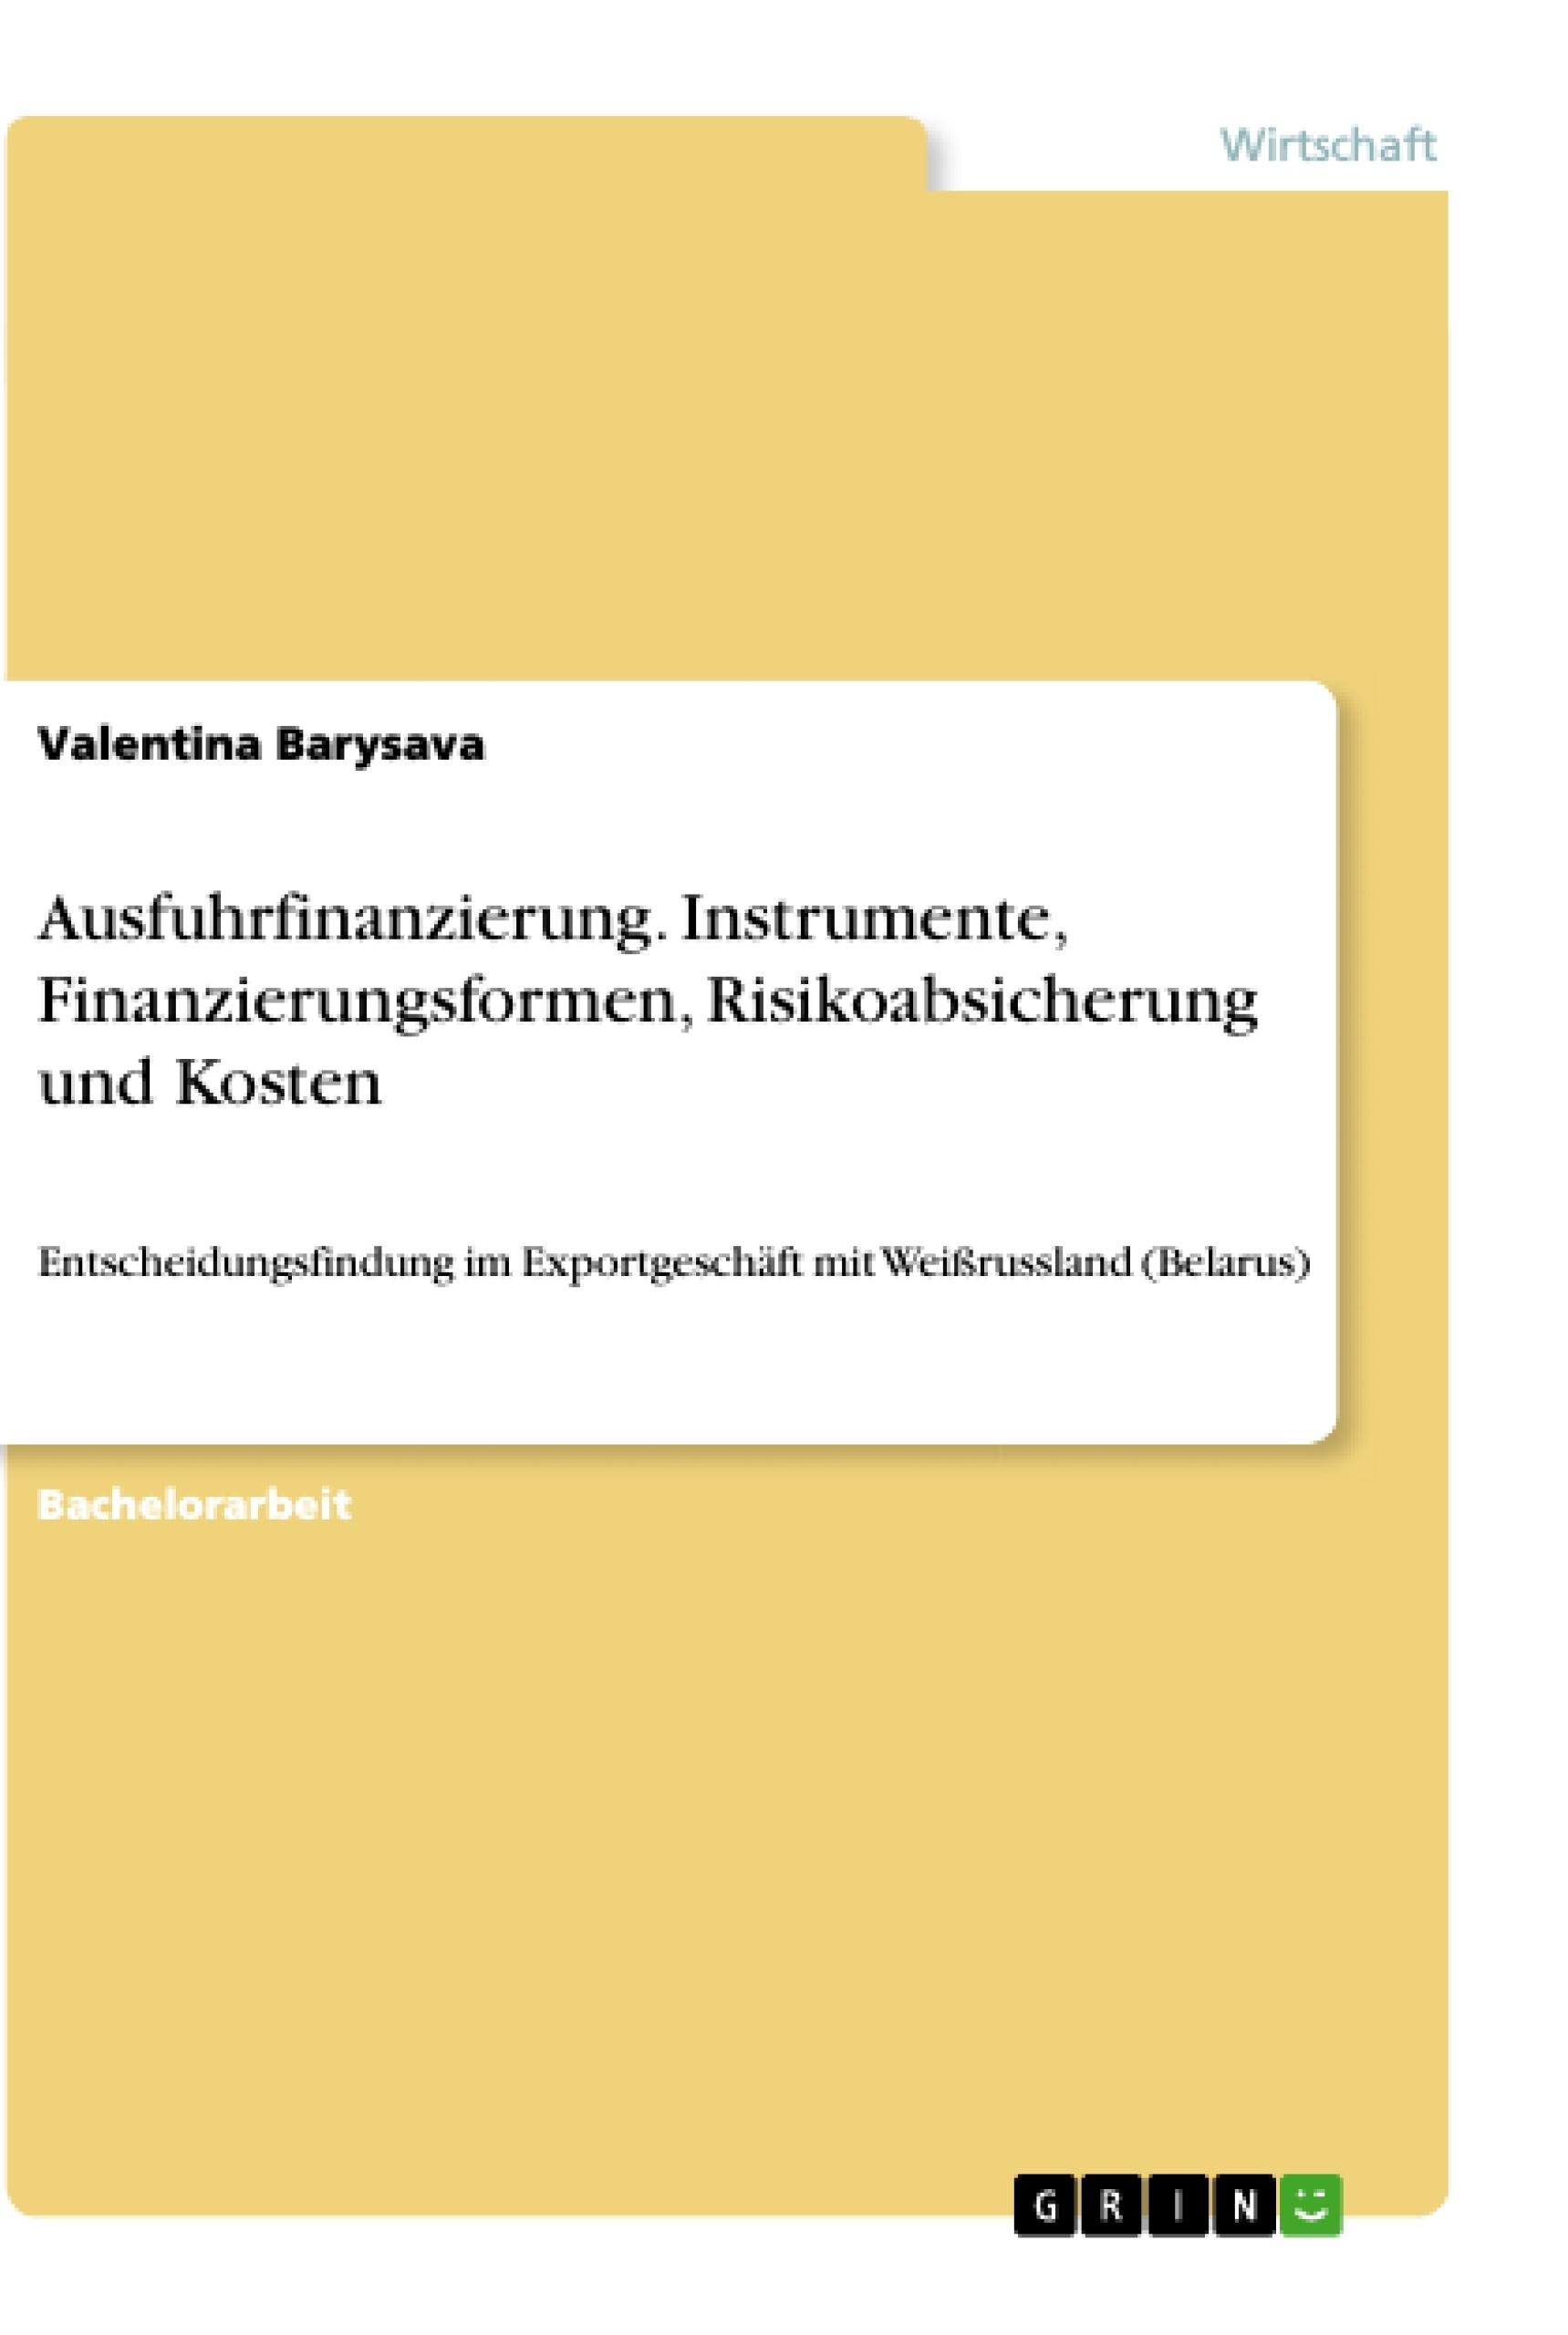 Titel: Ausfuhrfinanzierung. Instrumente, Finanzierungsformen, Risikoabsicherung und Kosten